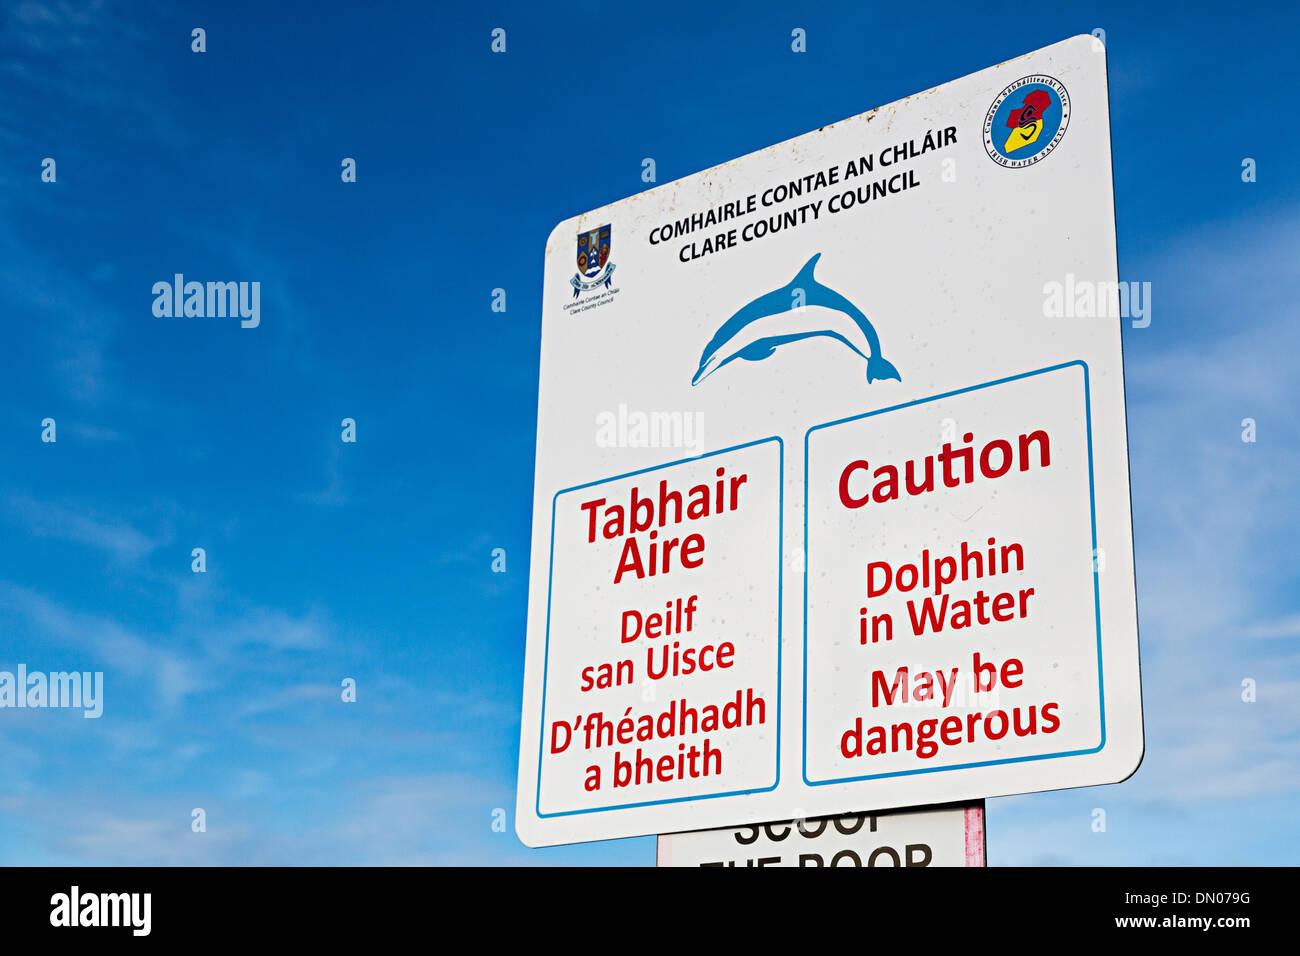 Il simbolo di attenzione dolphin in acqua può essere pericoloso, Doolin, Co. Clare, Irlanda Immagini Stock